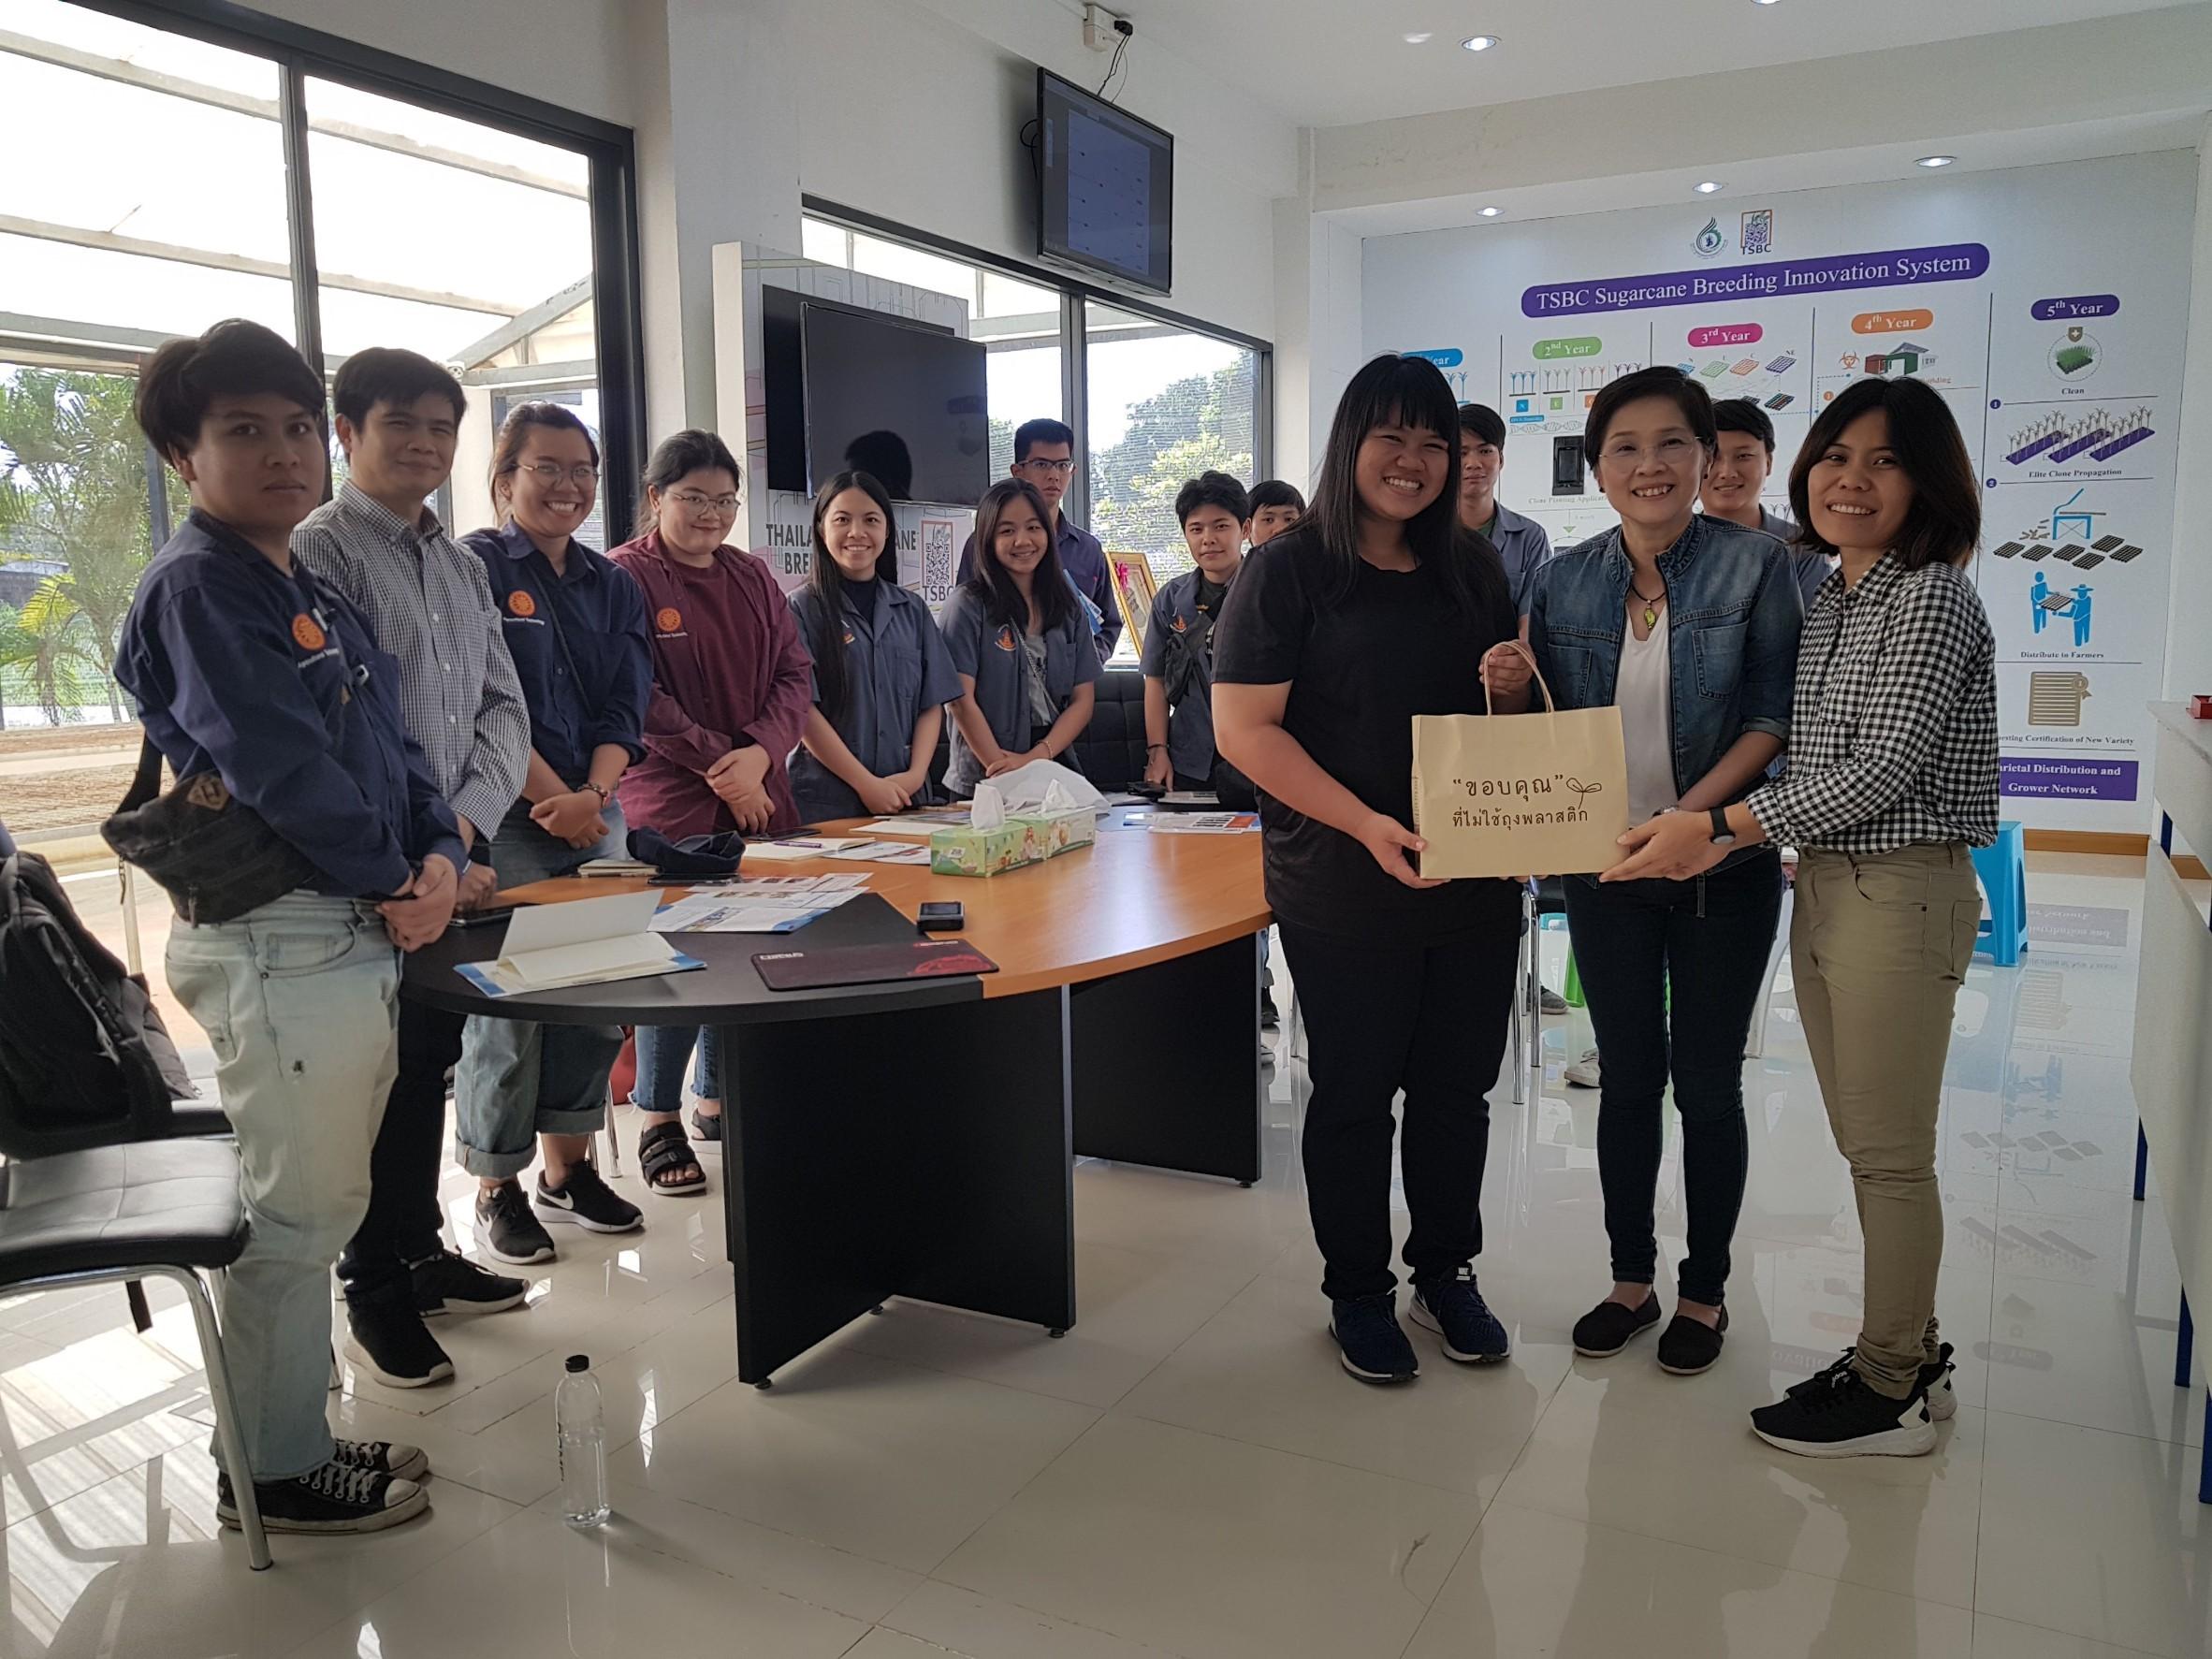 เมื่อวันที่ 6 พฤศจิกายน 2561 ที่ผ่านมา มหาวิทยาลัยธรรมศาสตร์ขอเข้าศึกษาดูงานศูนย์การปรับปรุงพันธุ์อ้อยแห่งประเทศไทย